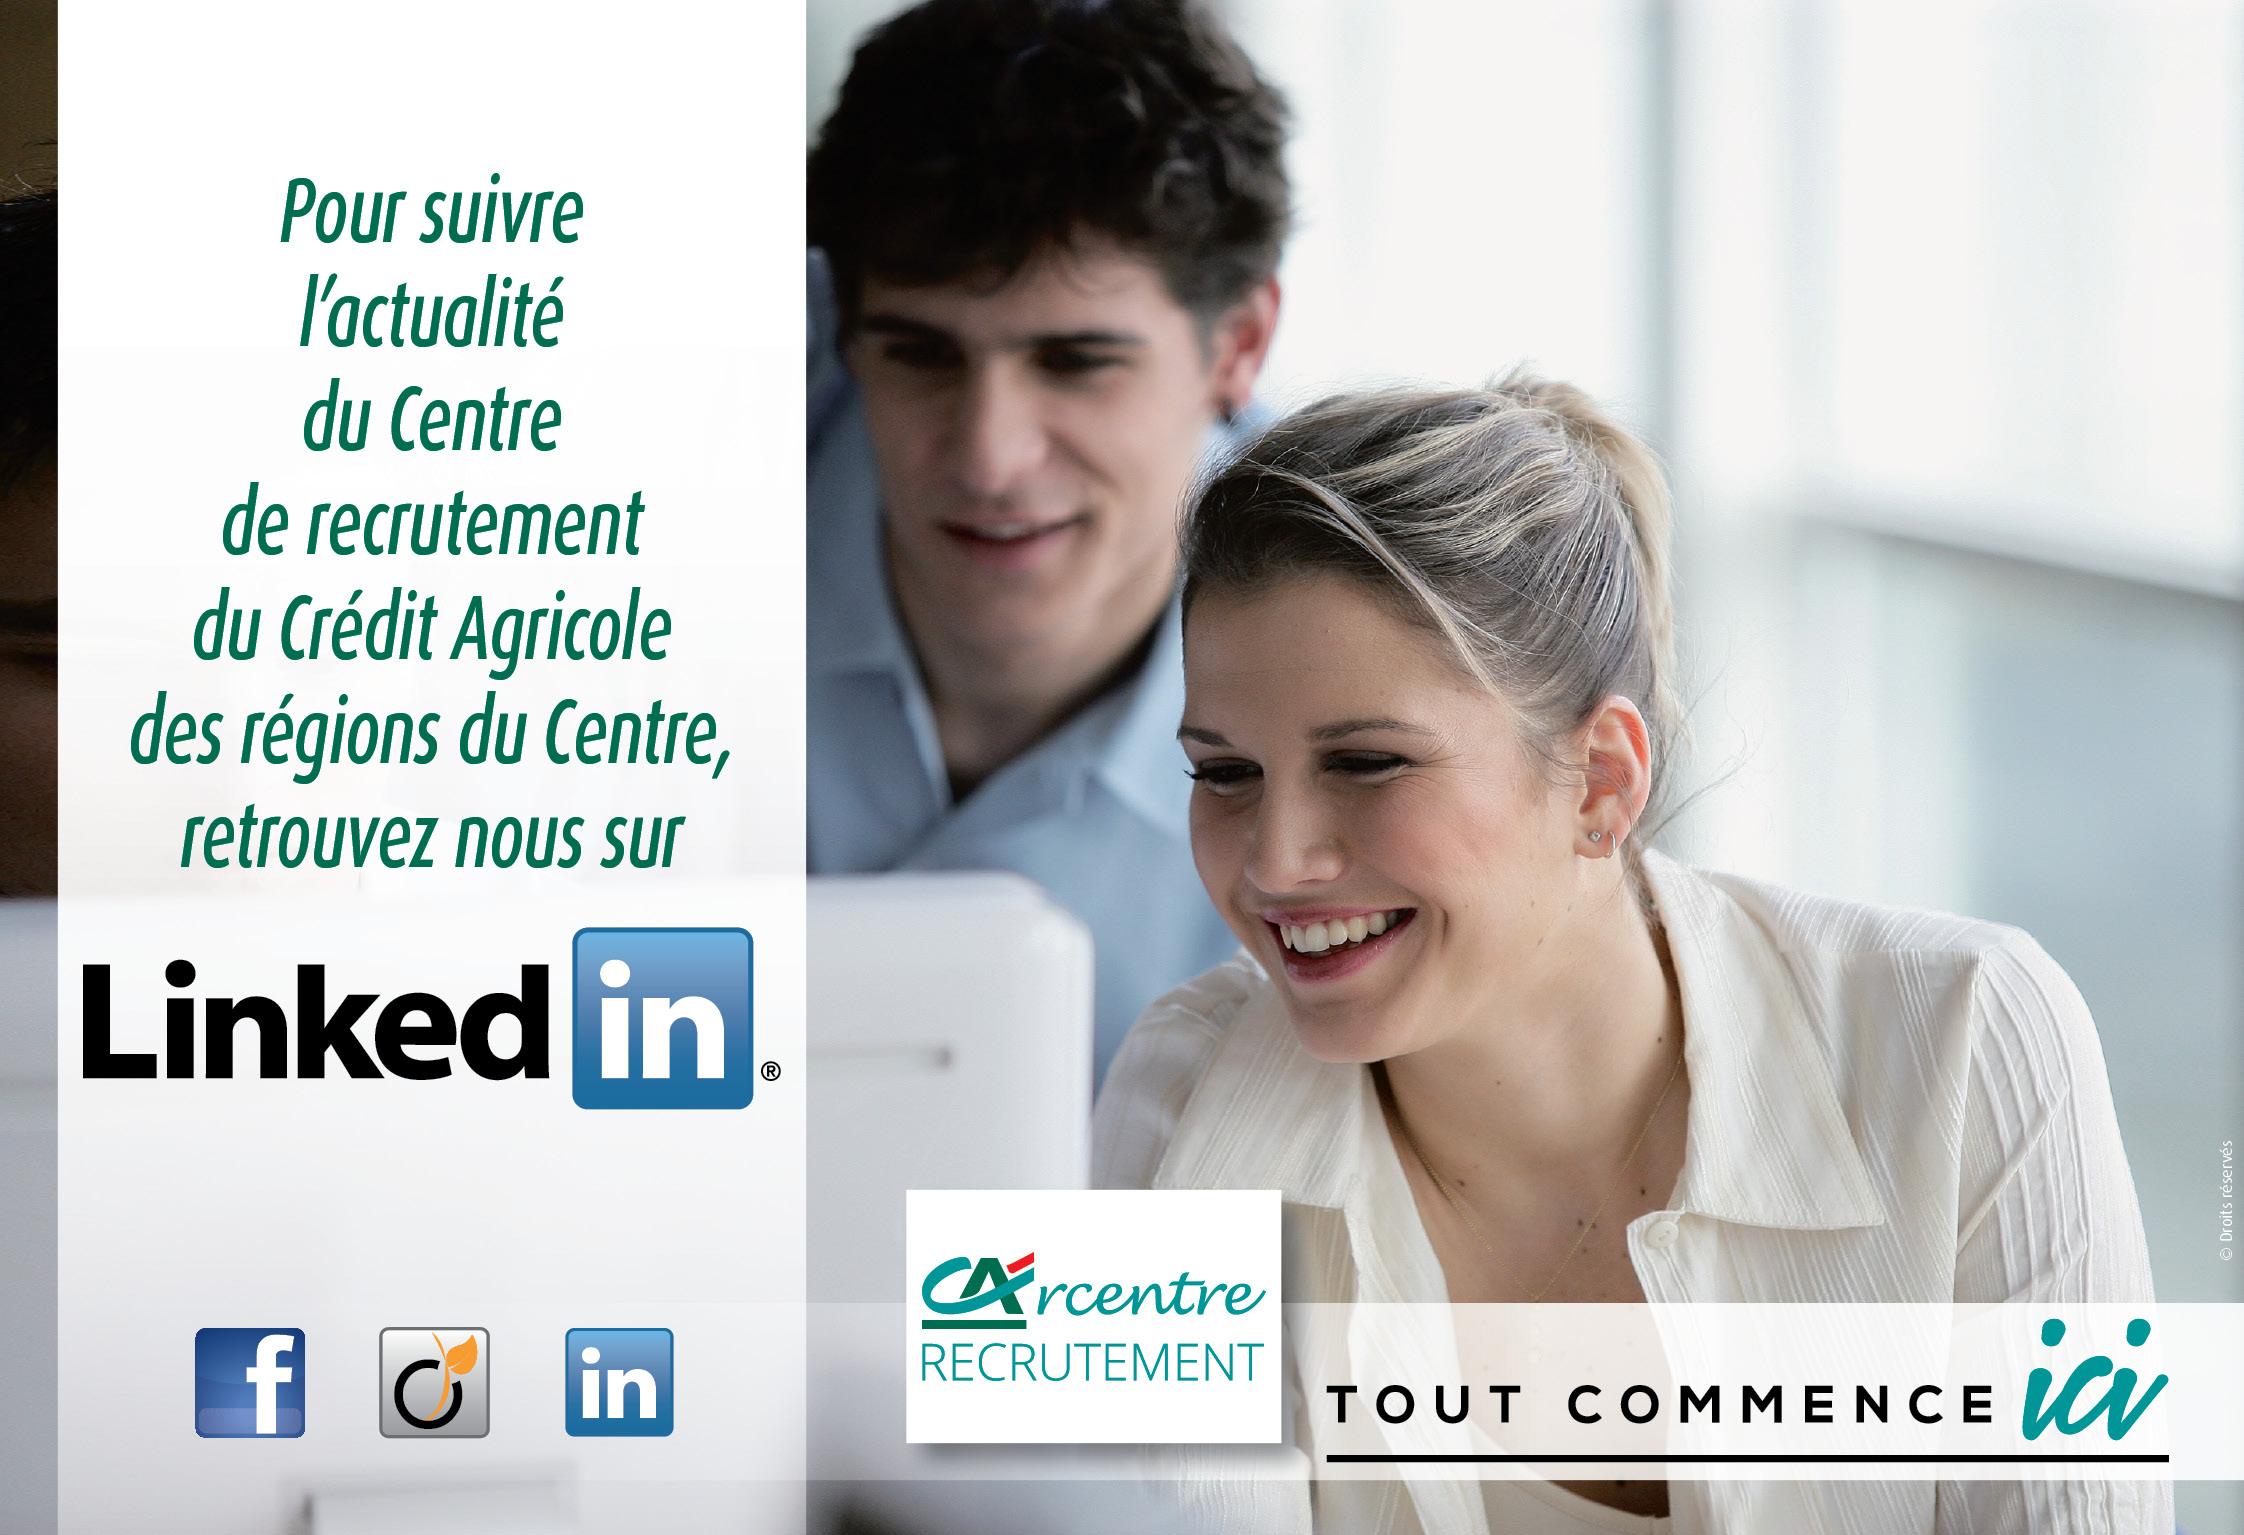 Banque Centre de recrutement du Crédit Agricole des régions du Centre : Rejoignez nous sur les réseaux sociaux pour suivre l'actualité recrutement des Caisses régionales Crédit Agricole Centre Loire, Crédit Agricole Centre Ouest, Crédit Agricole Touraine Poitou et Crédit Agricole Val de France.